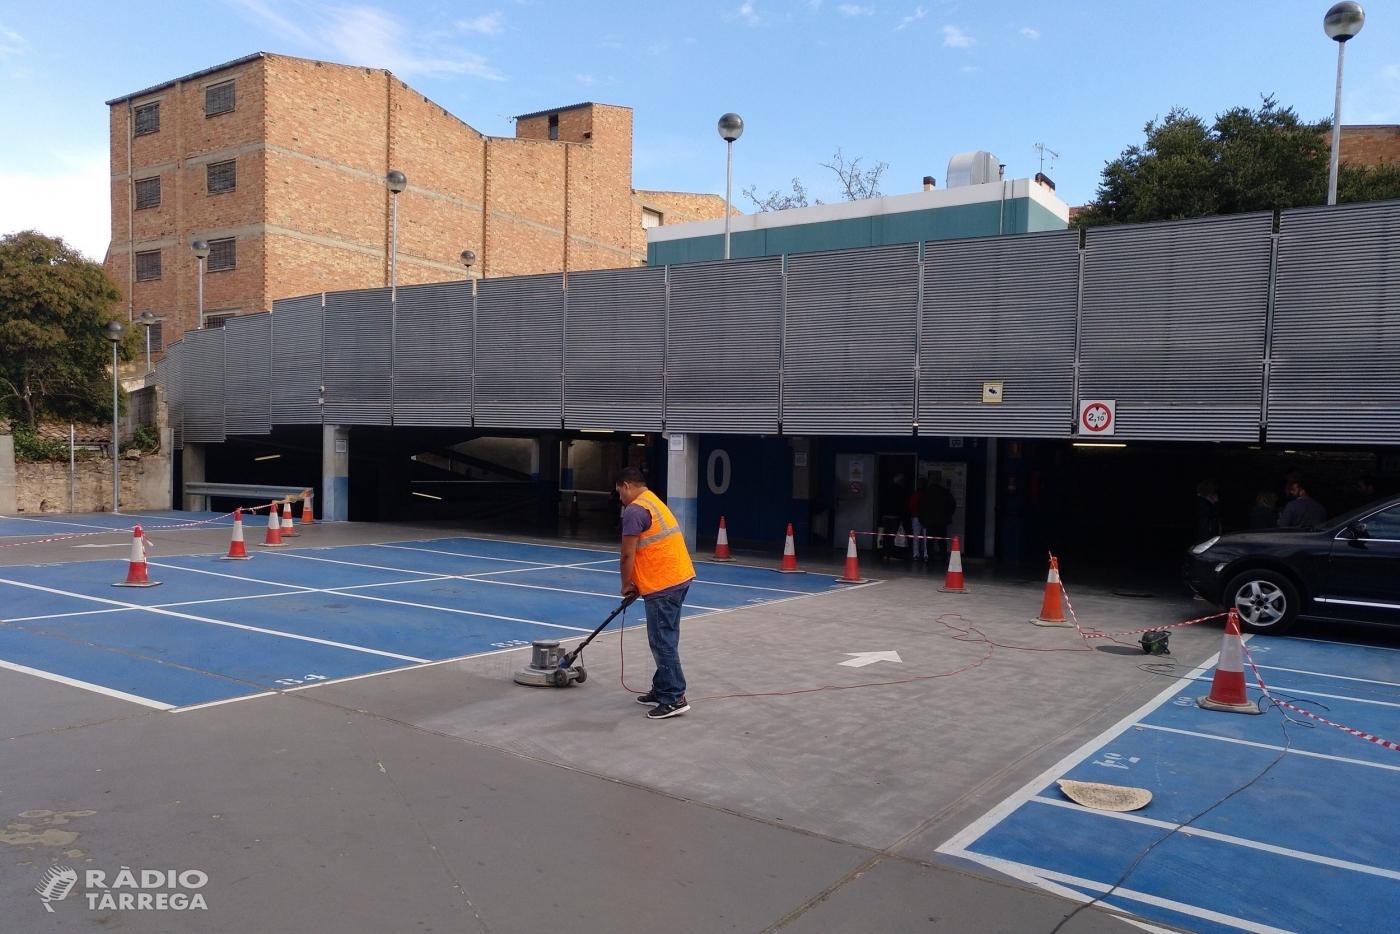 Tàrrega inicia treballs de millora al pàrquing municipal de l'avinguda de Catalunya, que romandrà tancat del 10 al 30 d'octubre